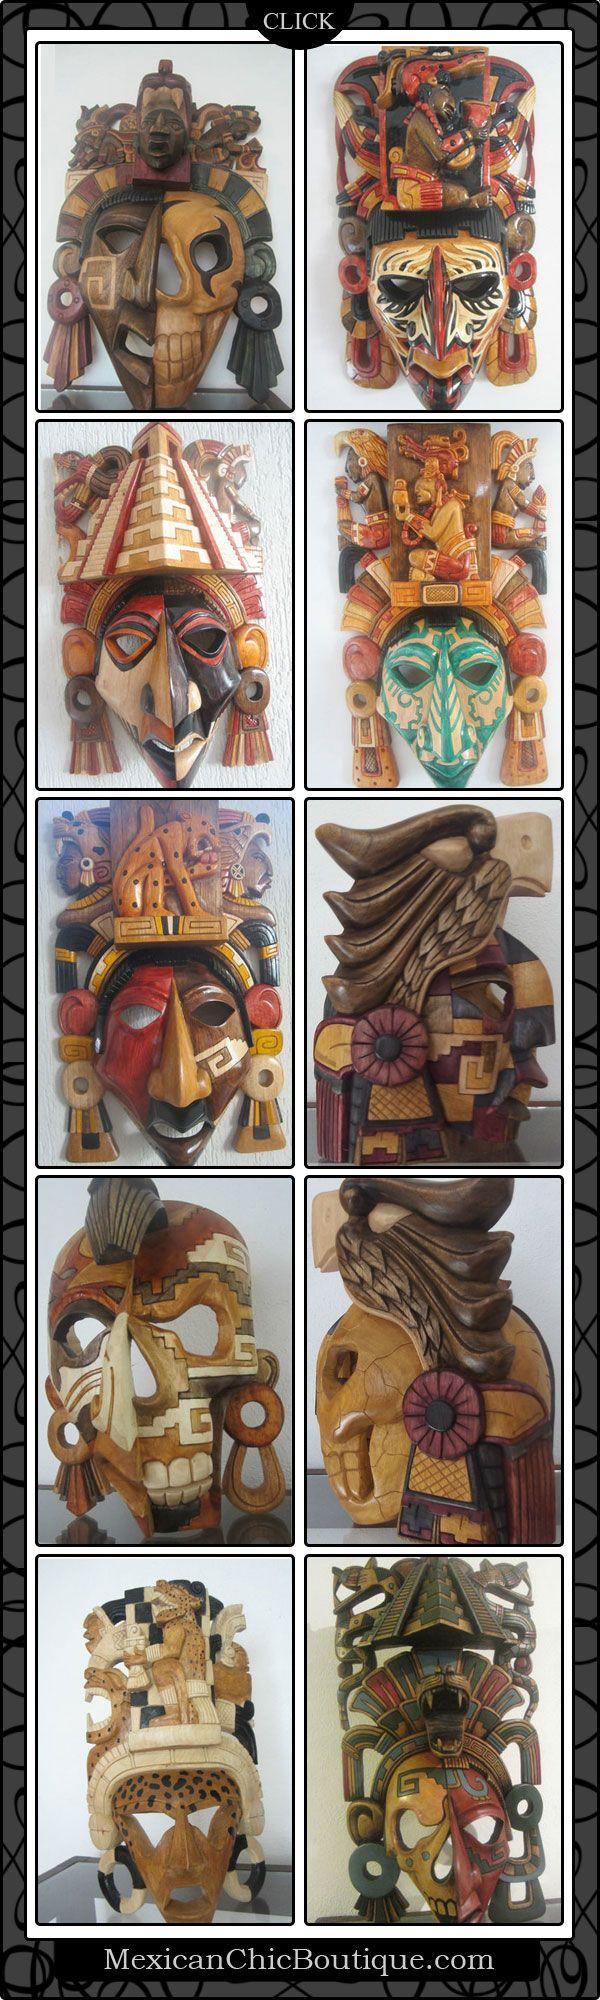 Las mascaras de Mayas, son decoraciones que Mexico aun contiene